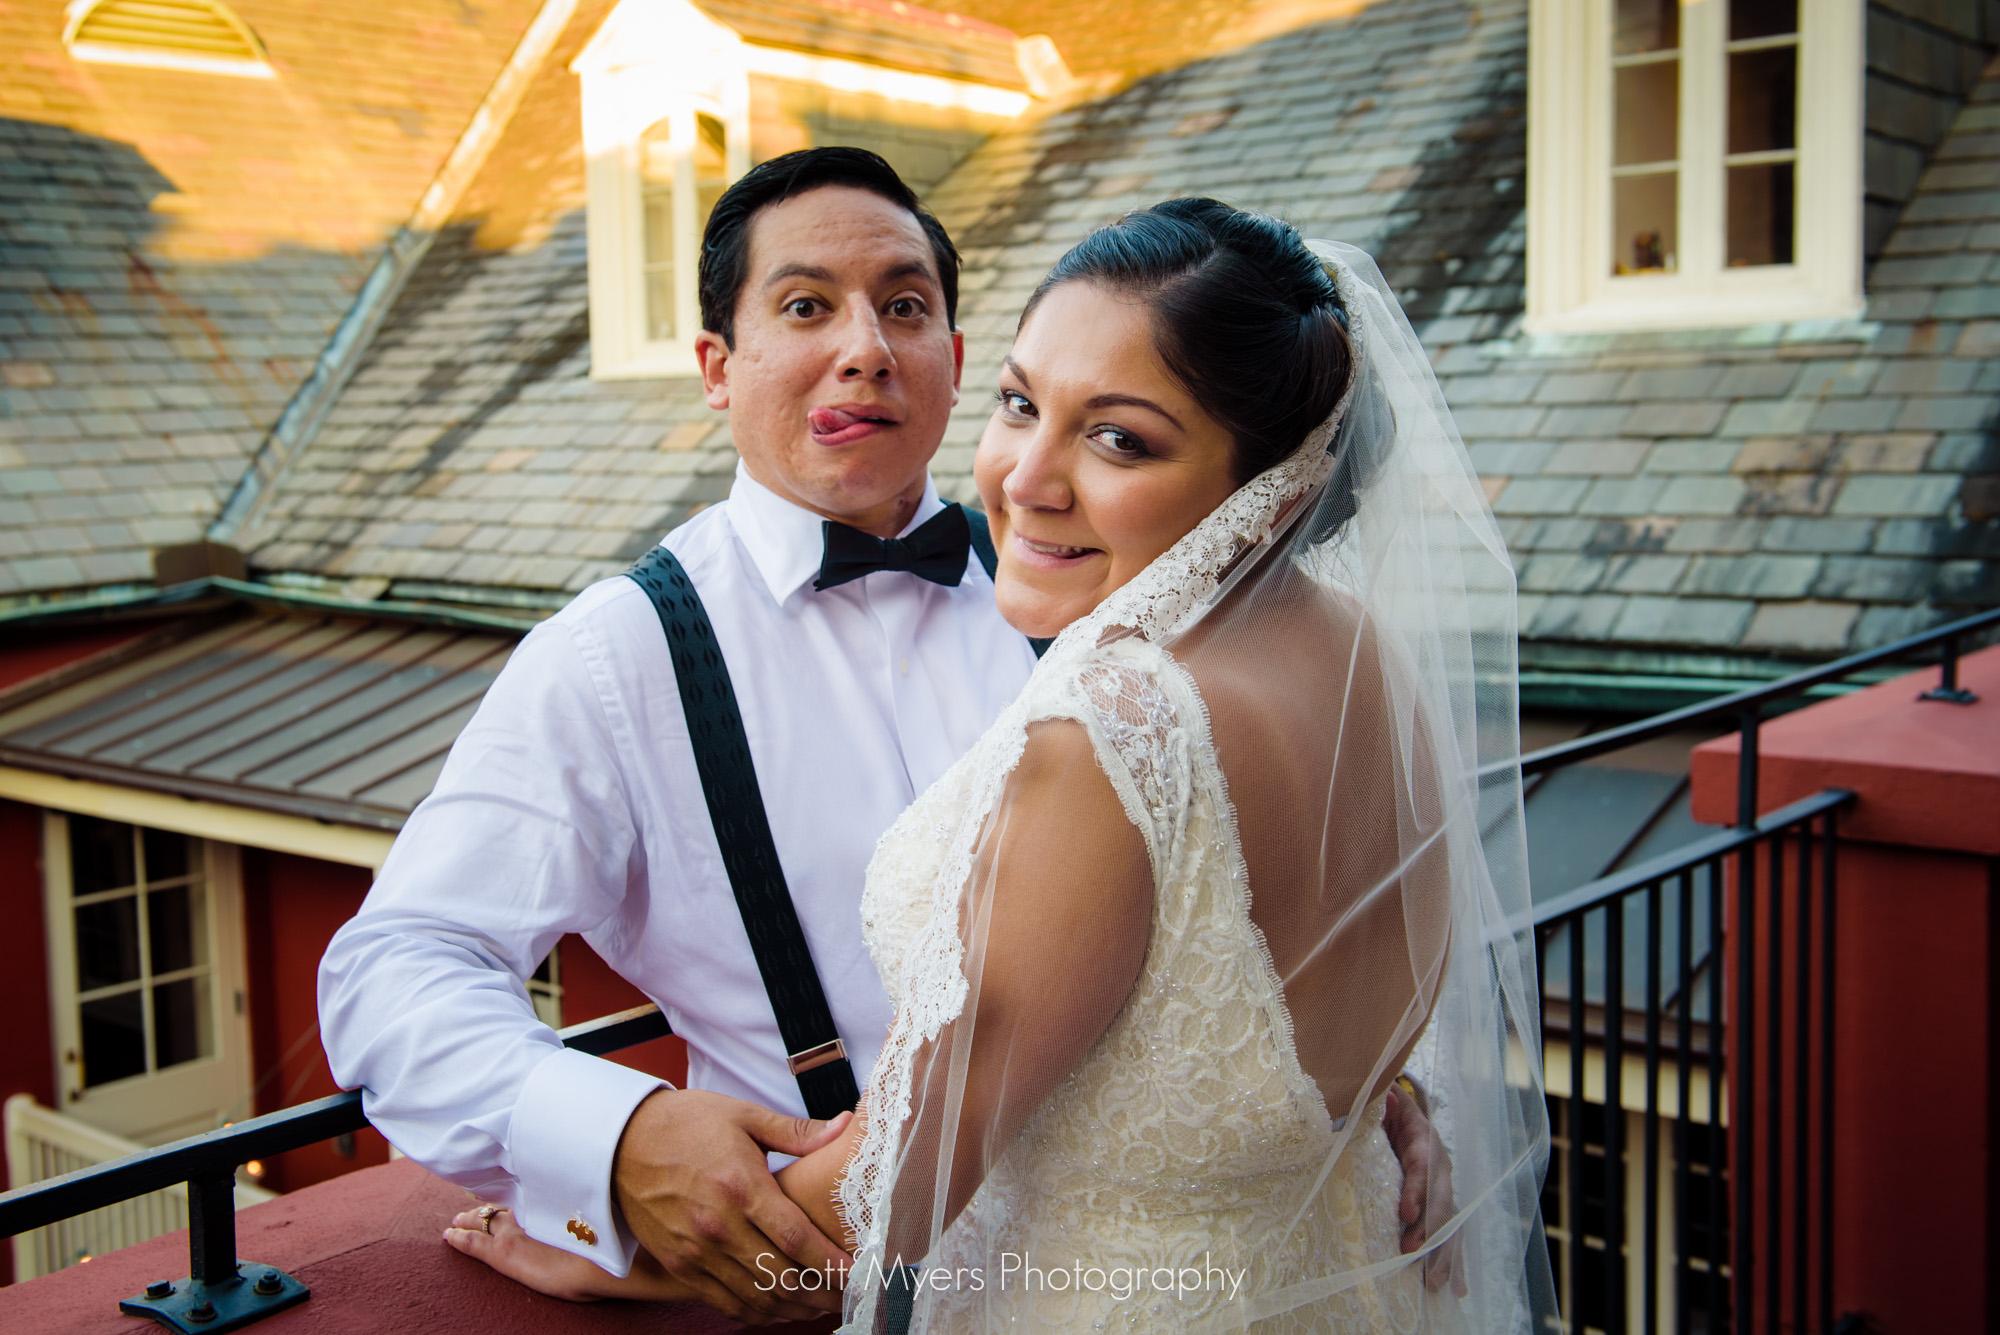 Scott_Myers_Wedding_New_Orleans_055.jpg